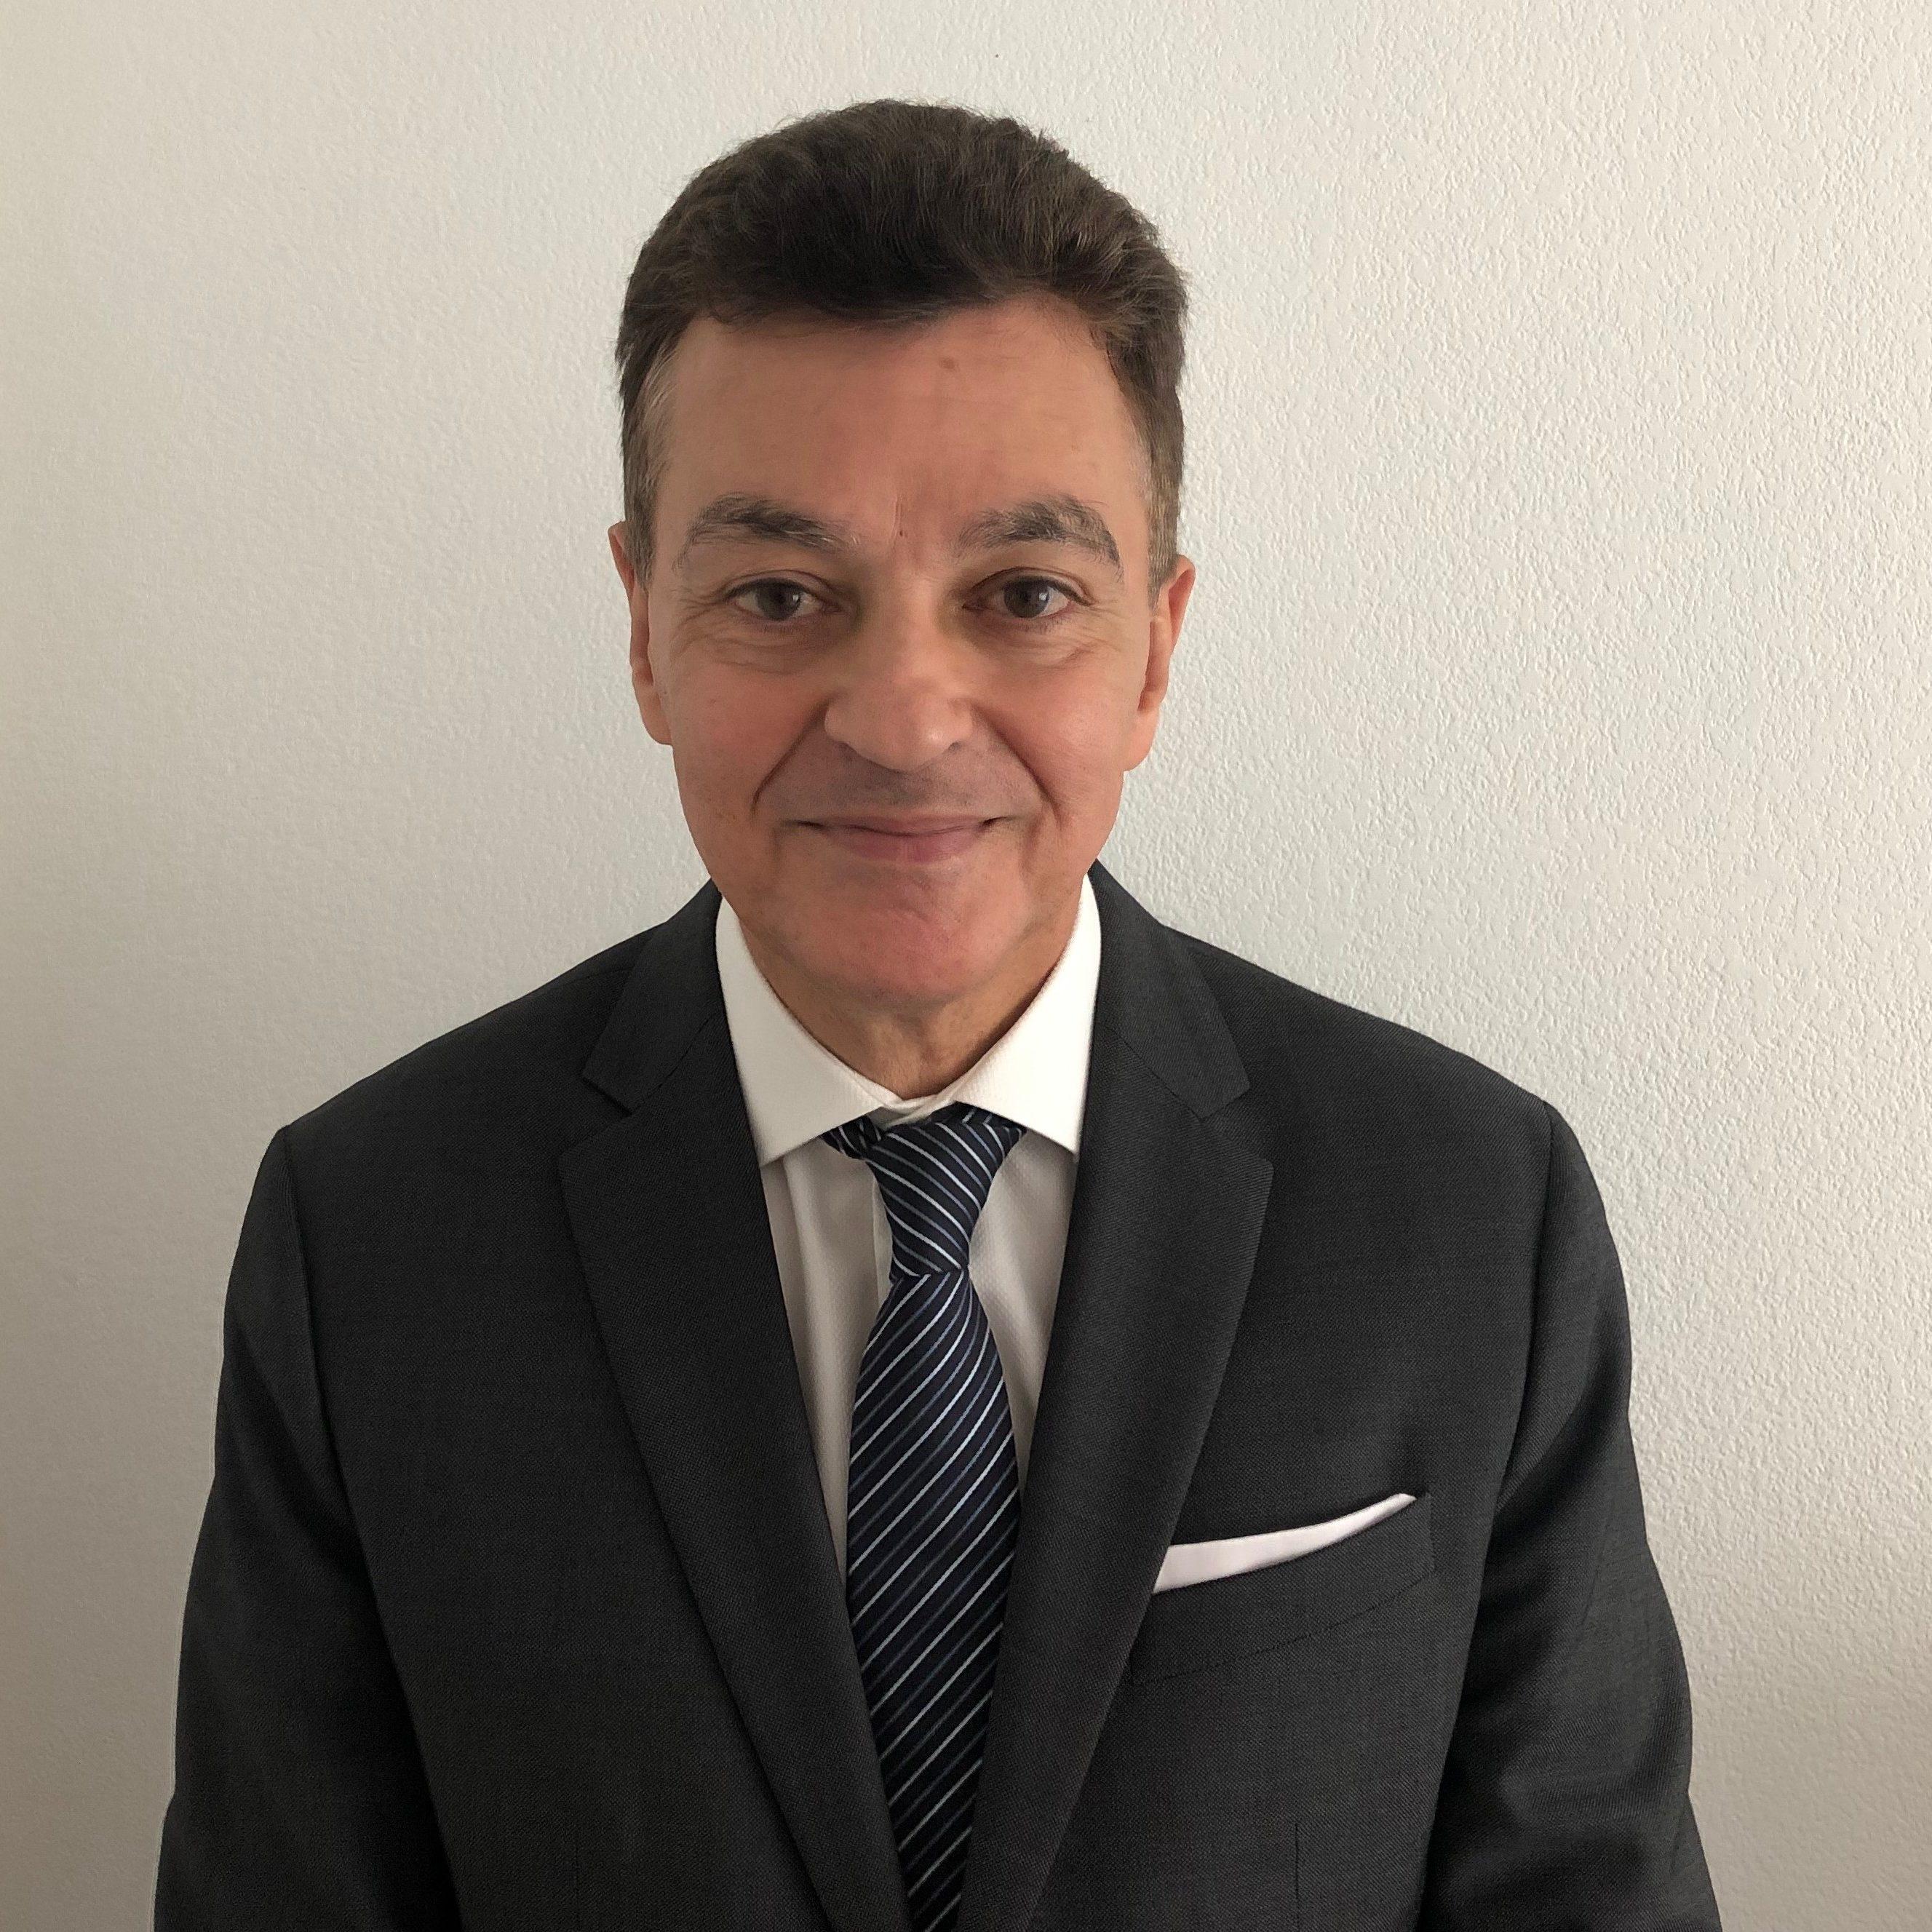 Rémy Lévy